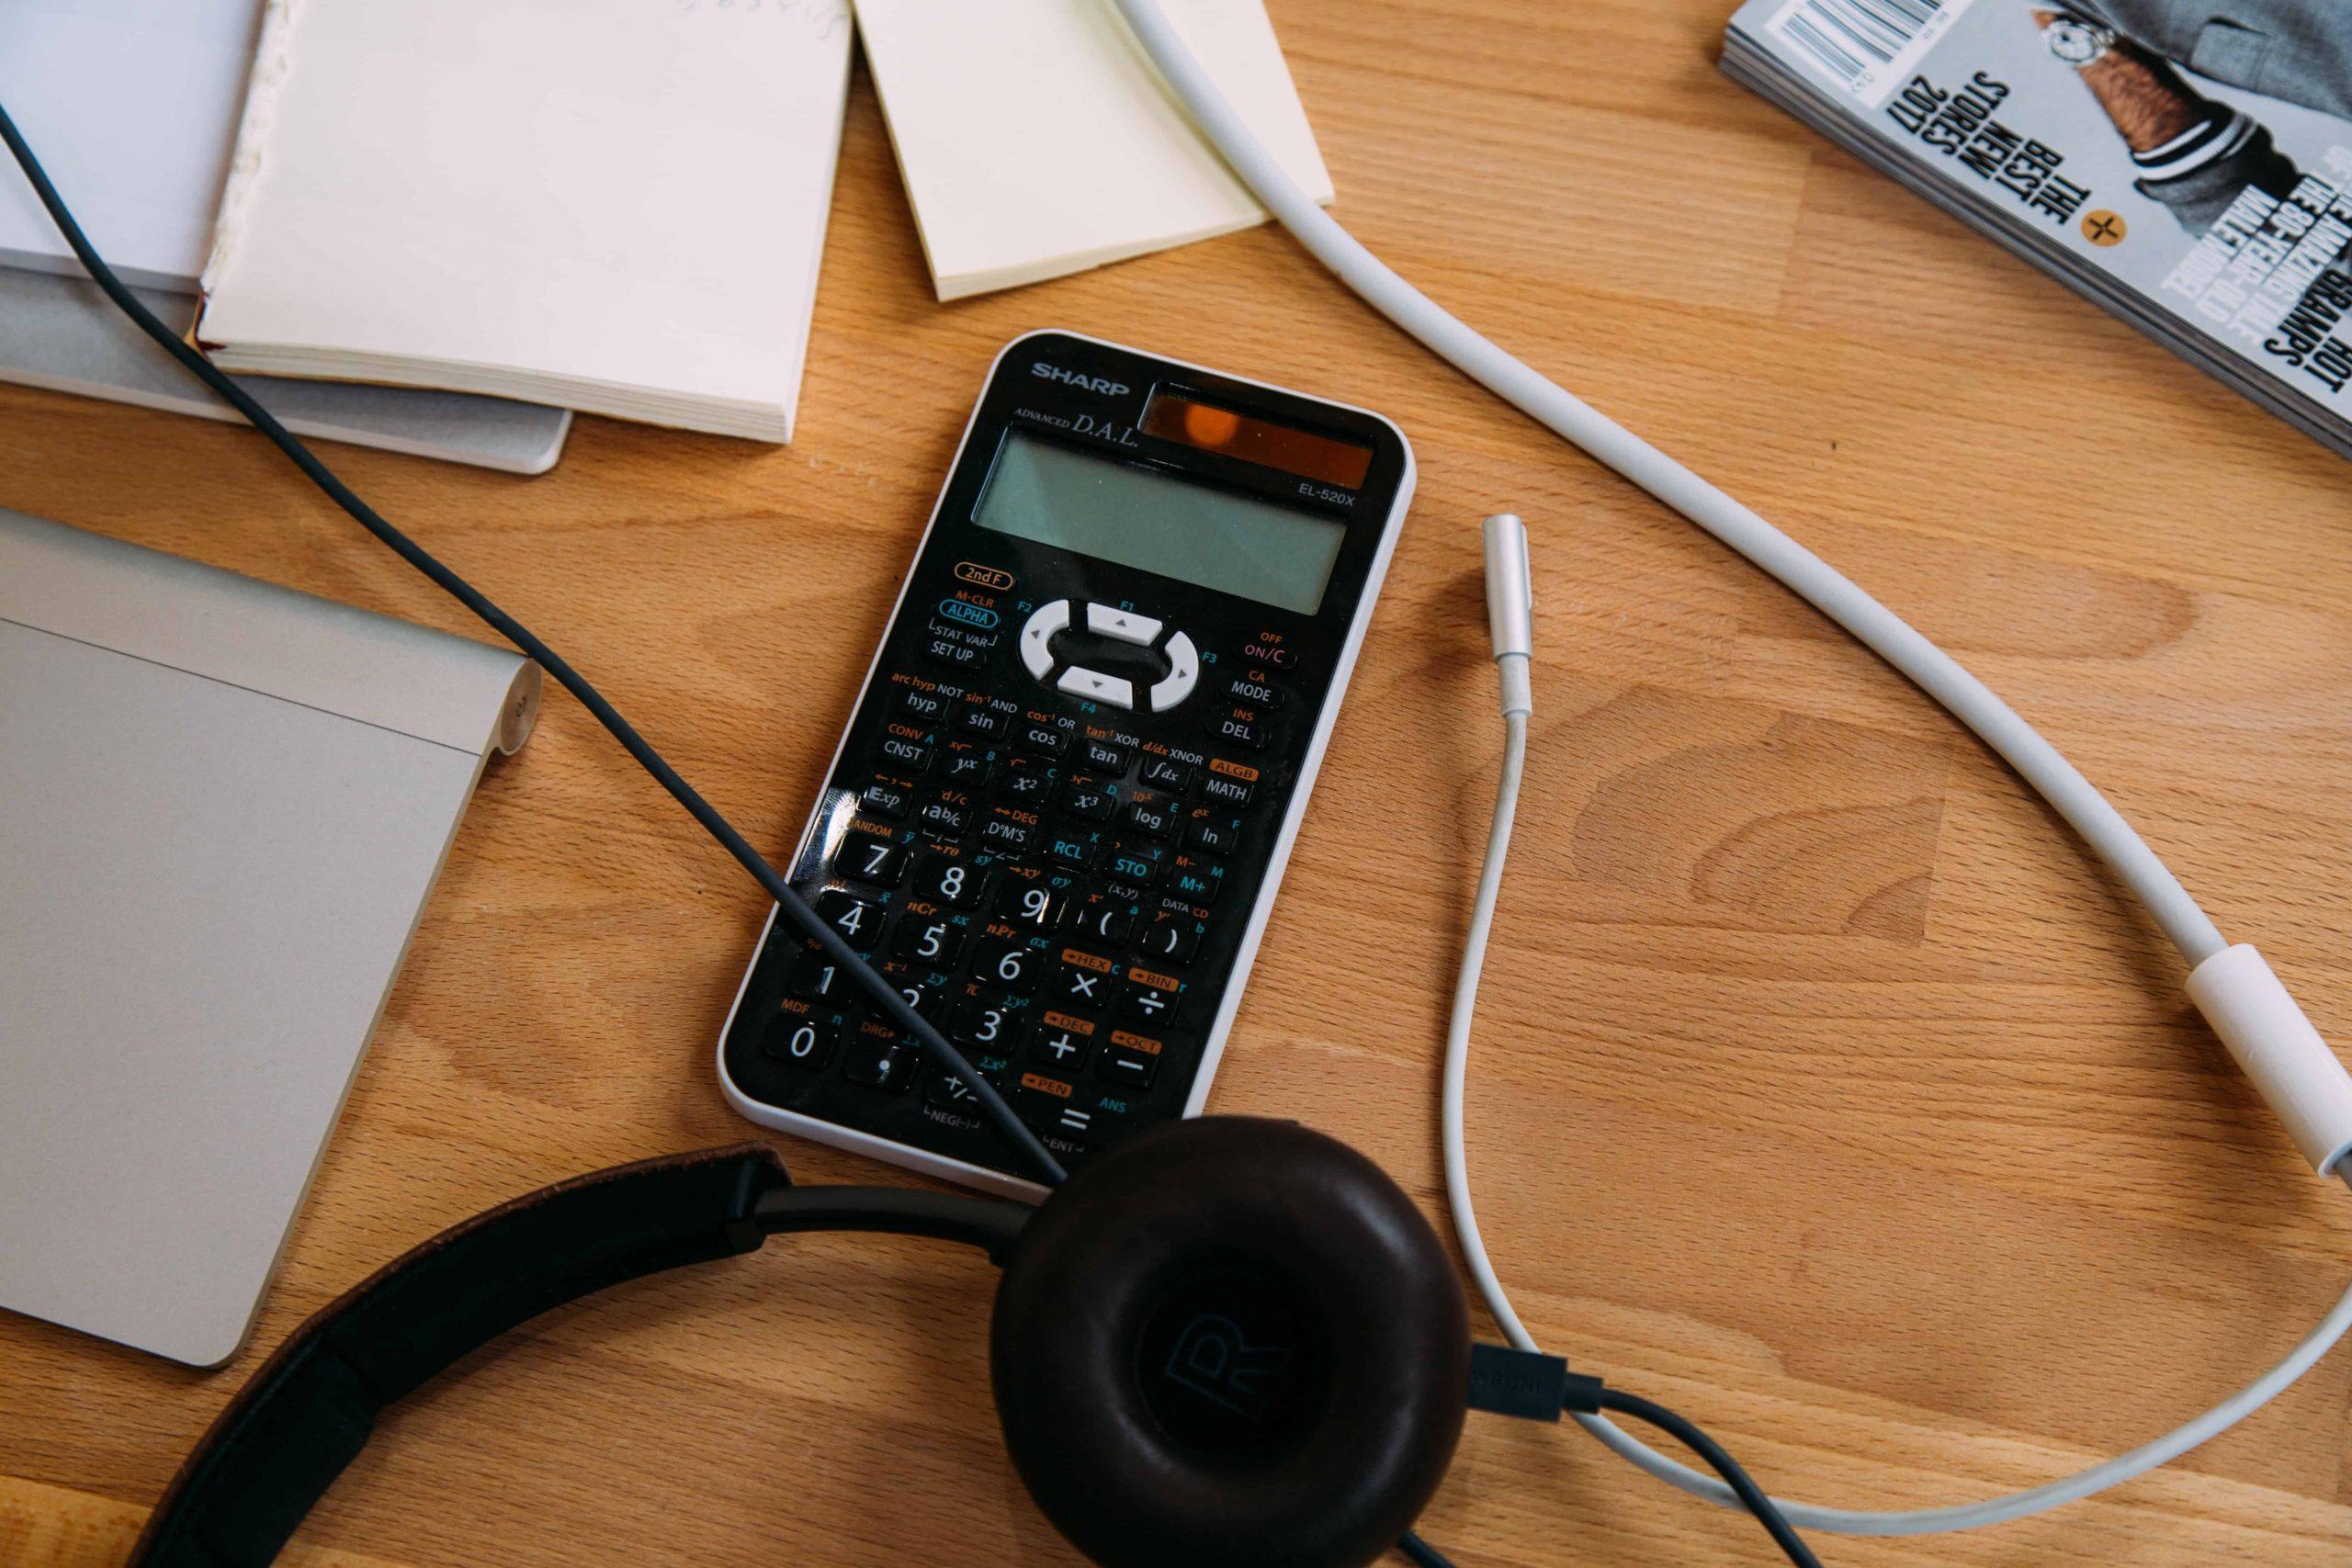 Taschenrechner: Test & Empfehlungen (04/21)